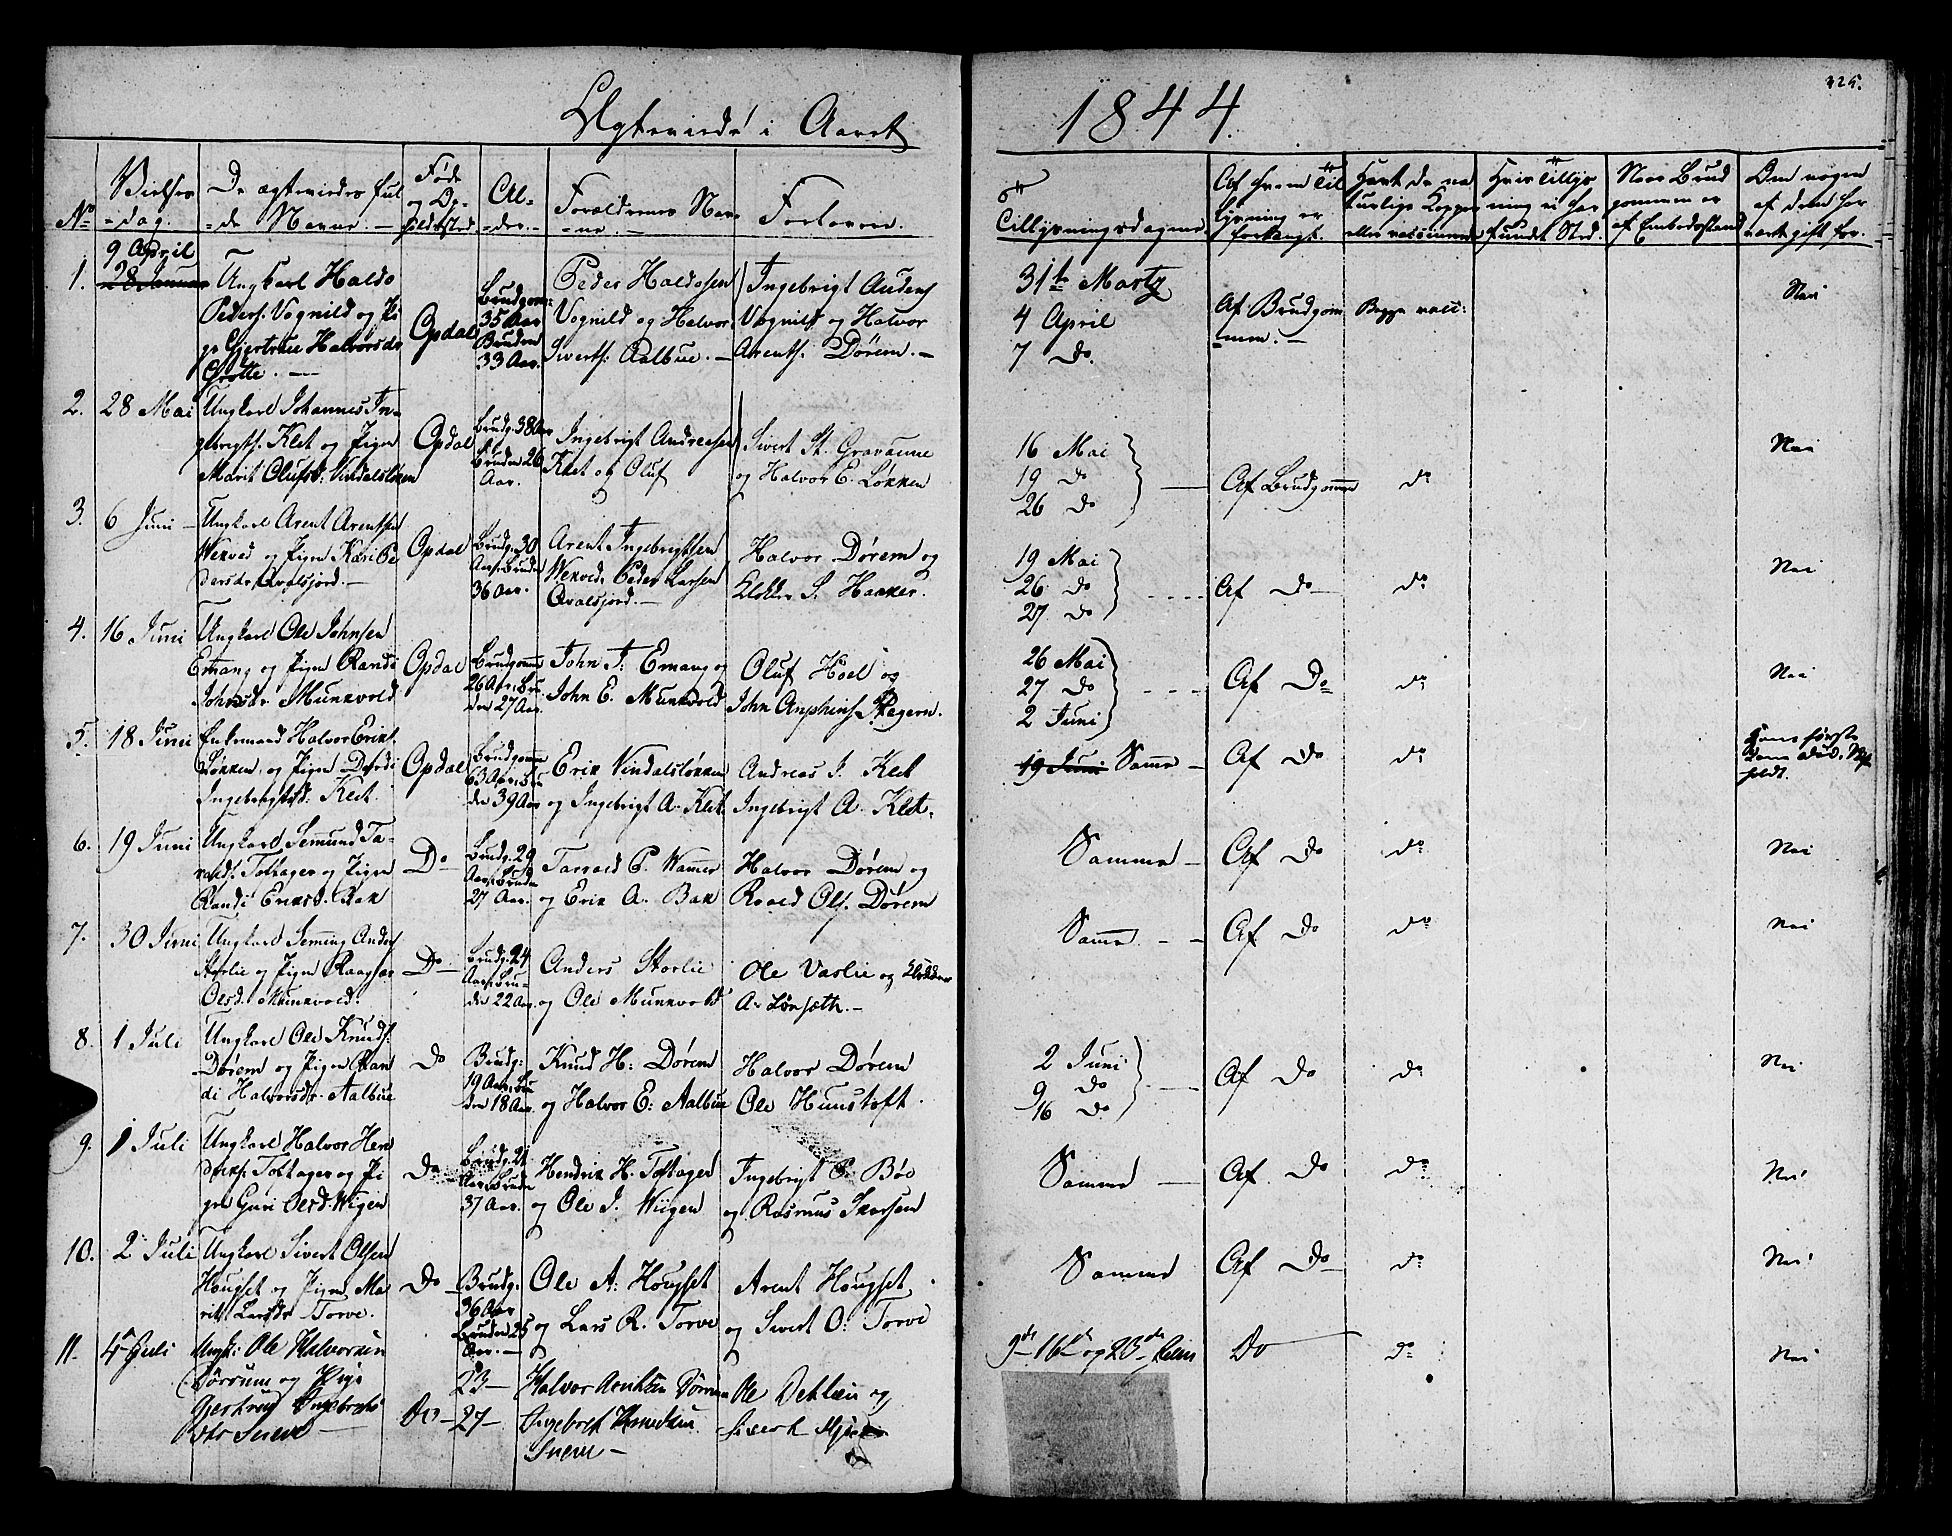 SAT, Ministerialprotokoller, klokkerbøker og fødselsregistre - Sør-Trøndelag, 678/L0897: Ministerialbok nr. 678A06-07, 1821-1847, s. 325